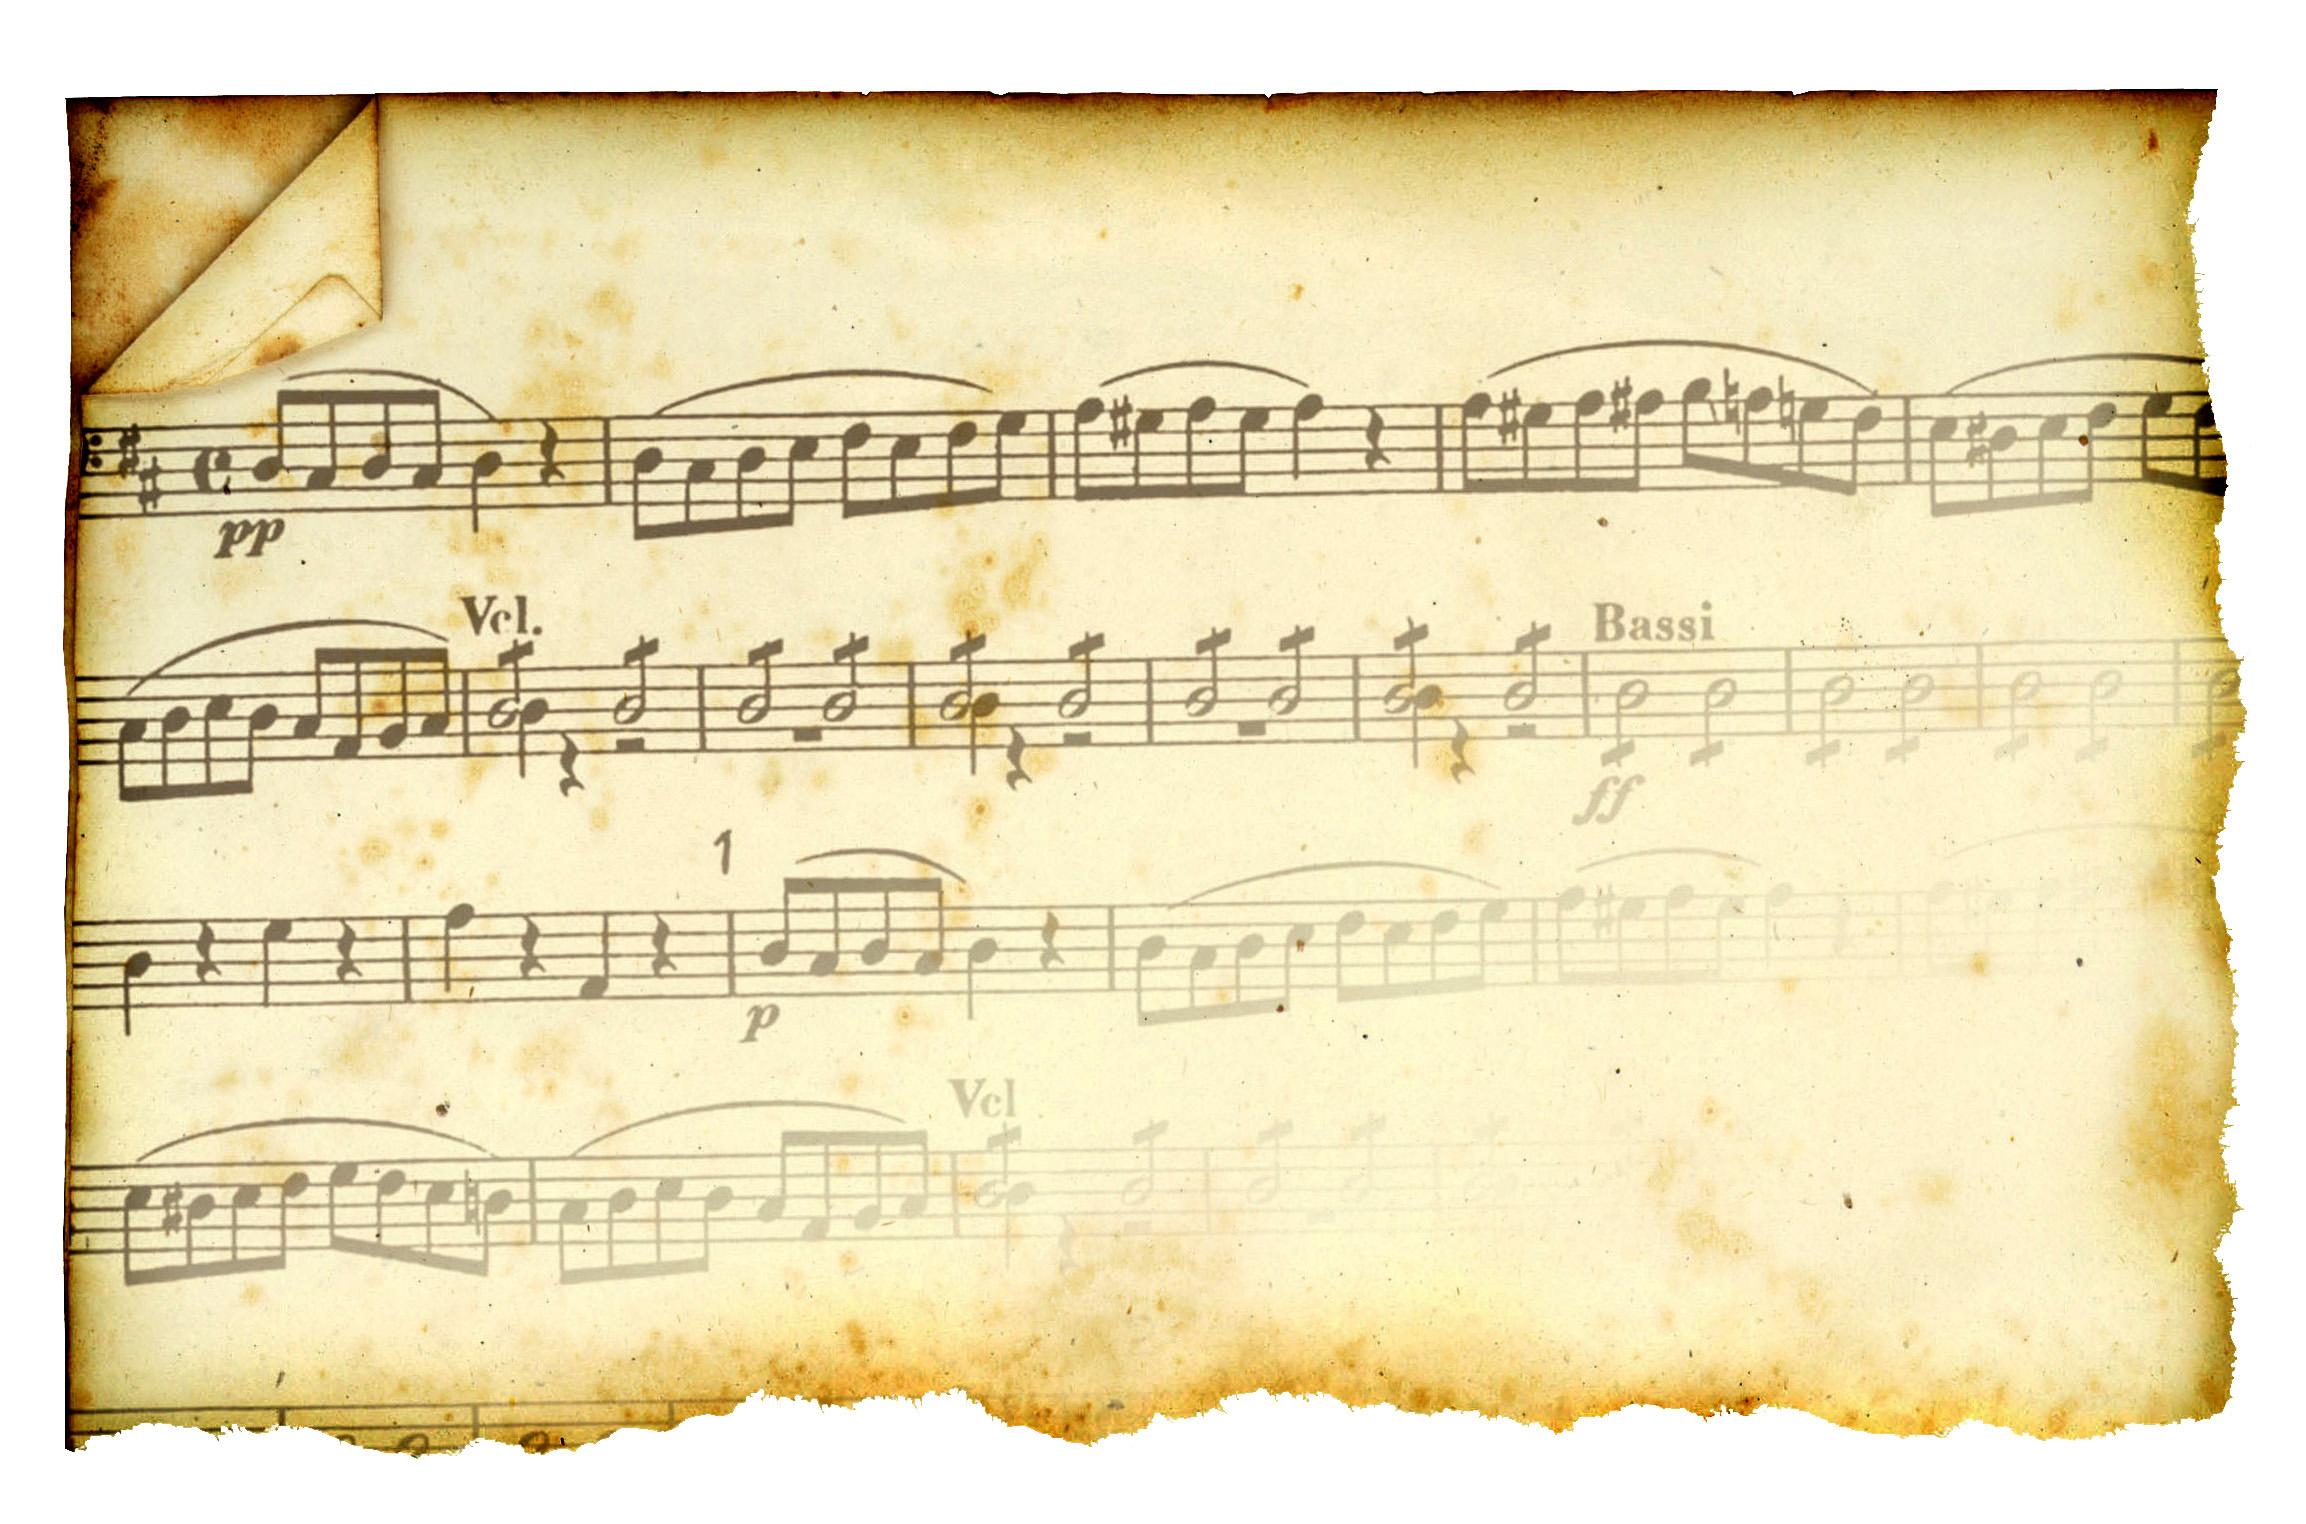 partituras antiguas historia